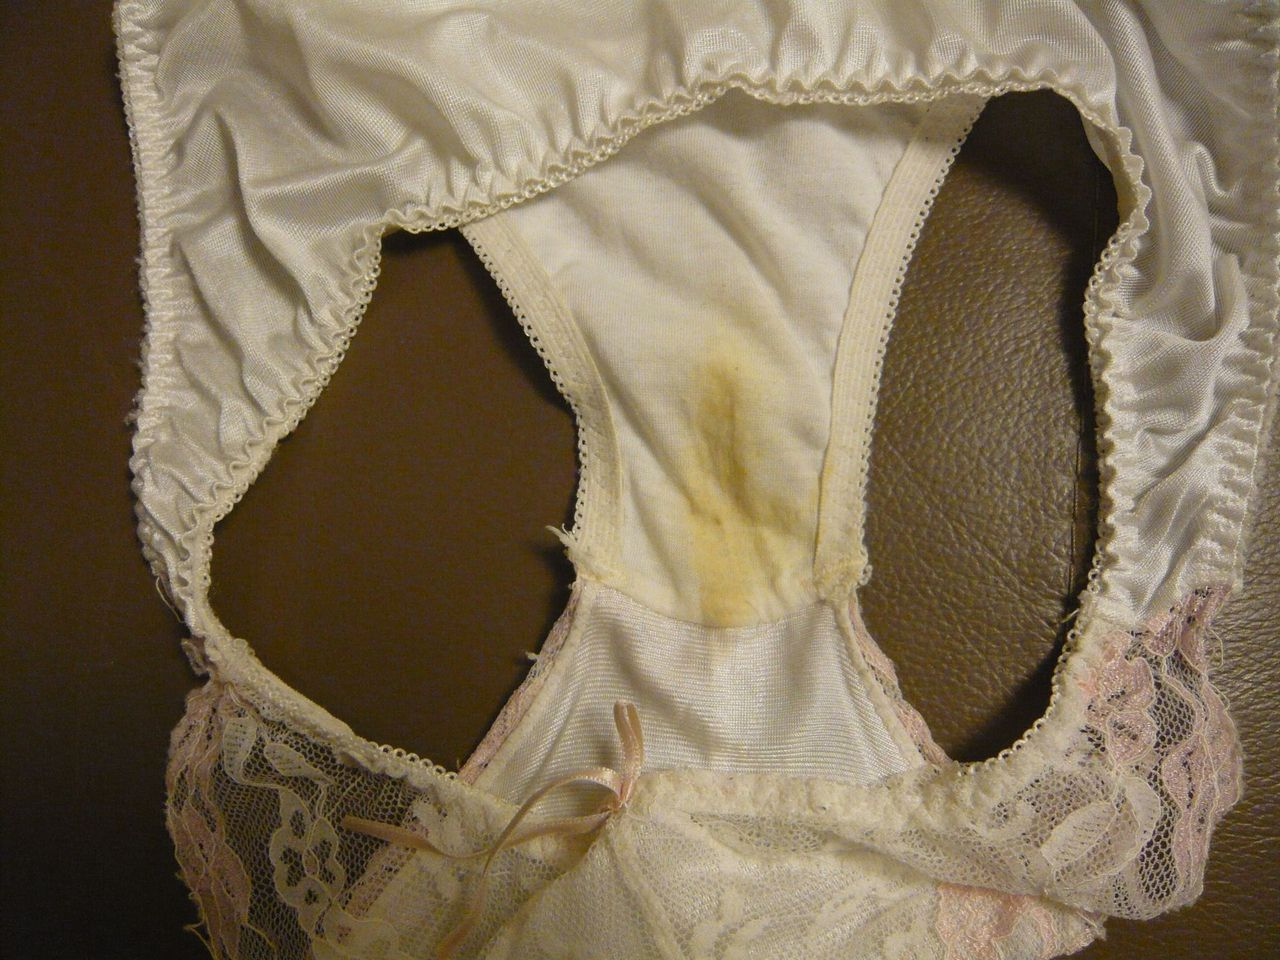 姉妹オナニーシミ付き下着洗濯前盗撮エロ画像13枚目